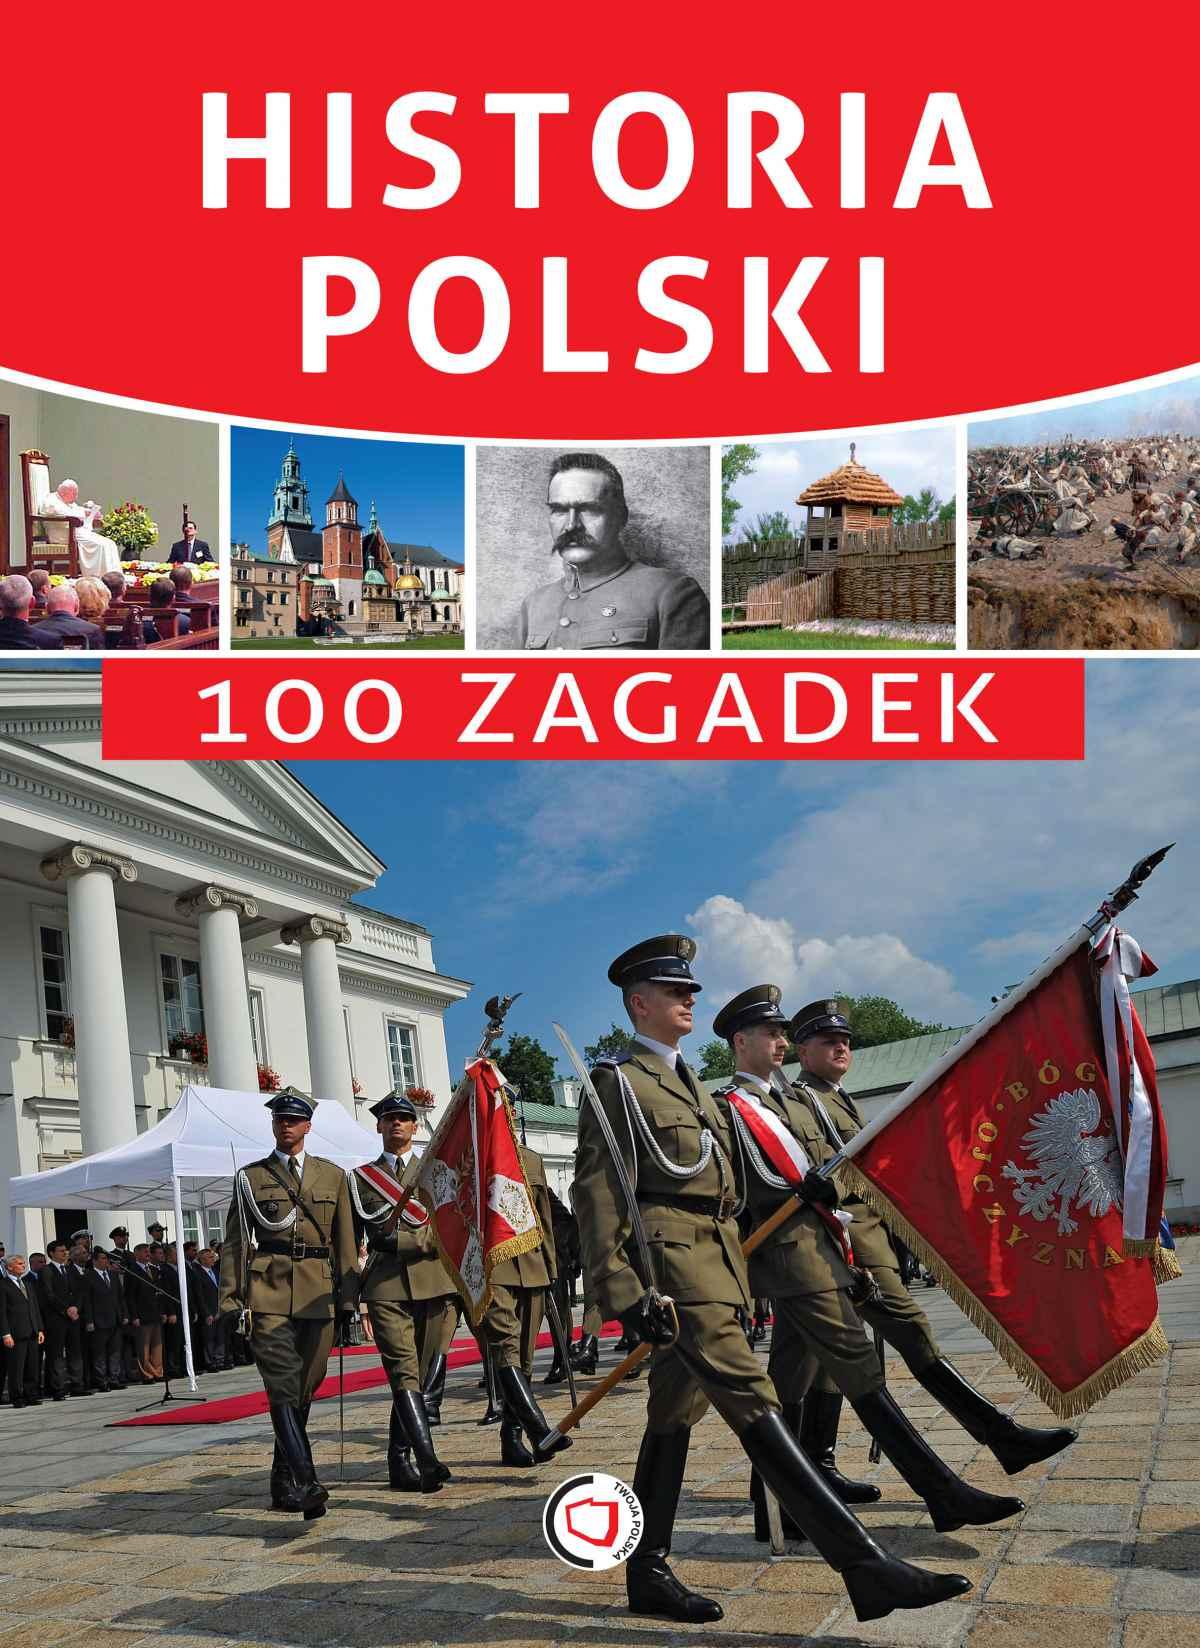 Historia Polski. 100 zagadek - Ebook (Książka PDF) do pobrania w formacie PDF